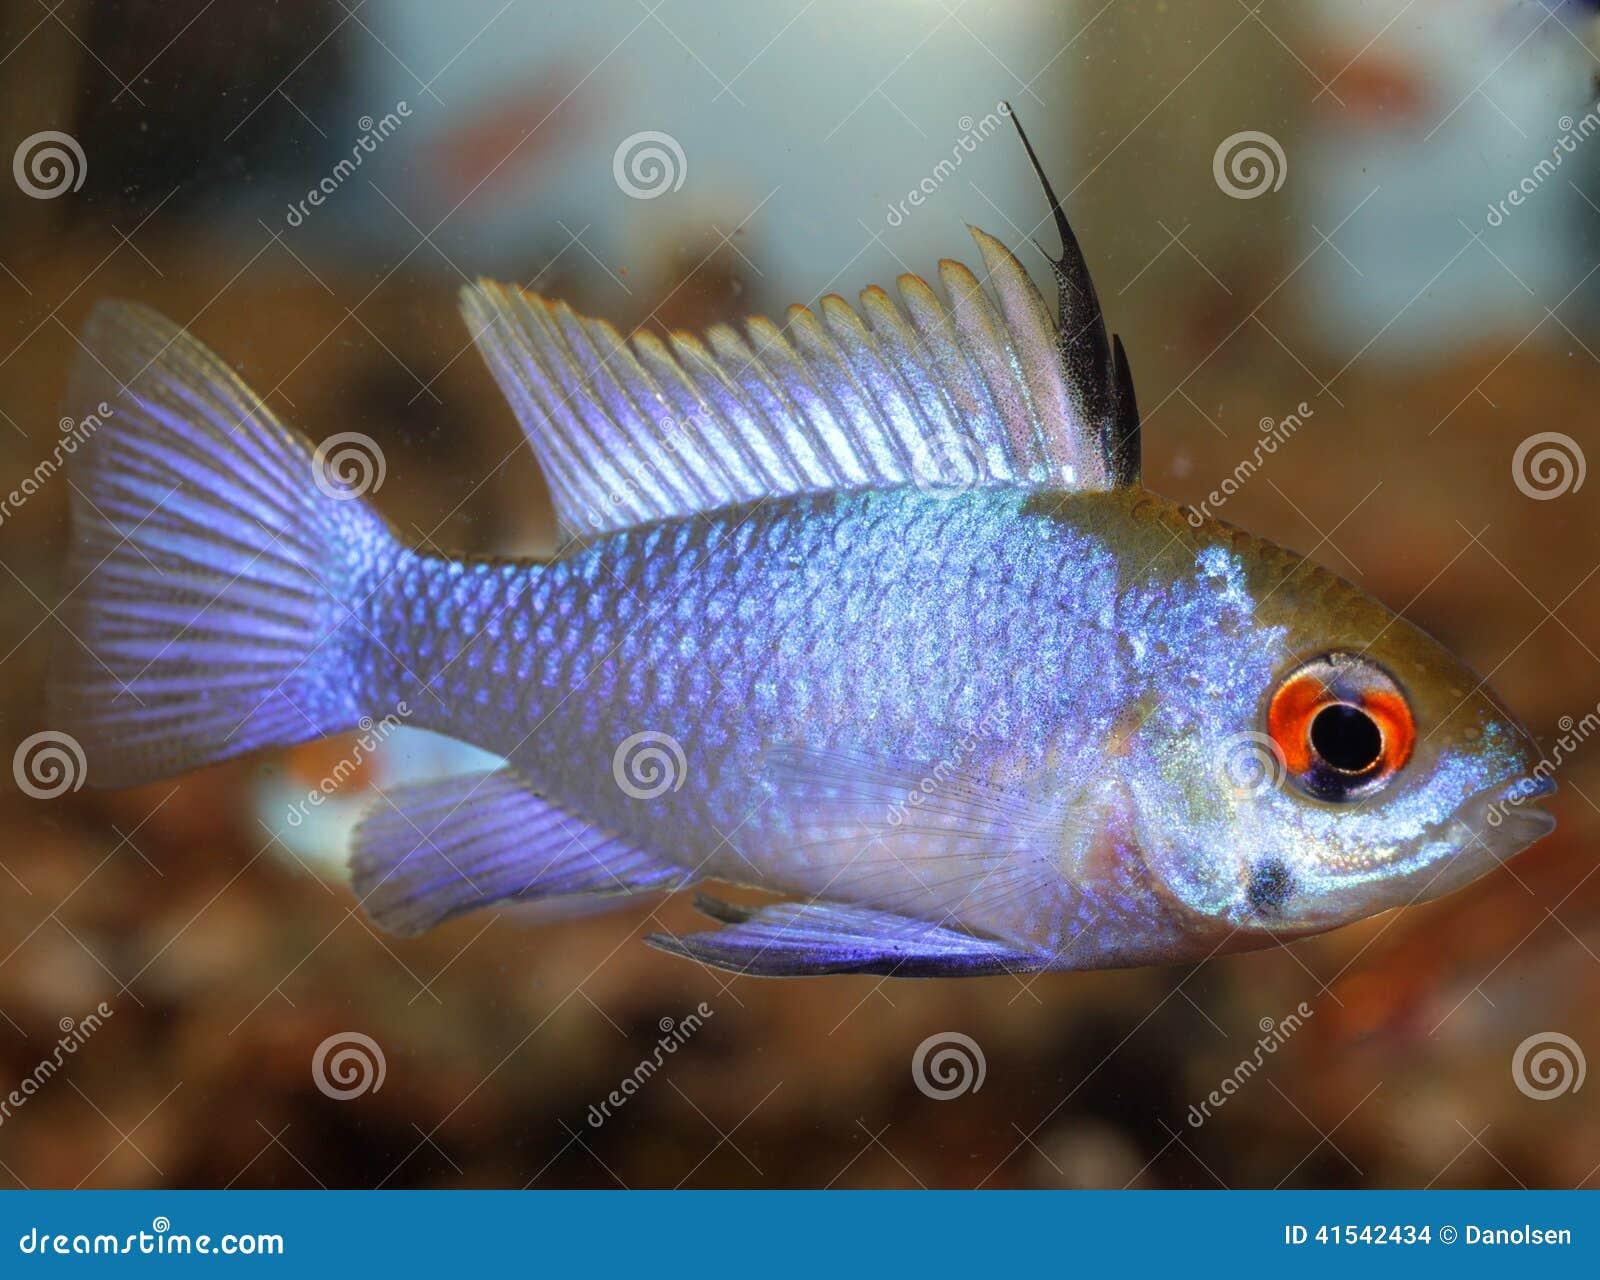 Freshwater fish hobby - Mikrogeophagus Ramirezi